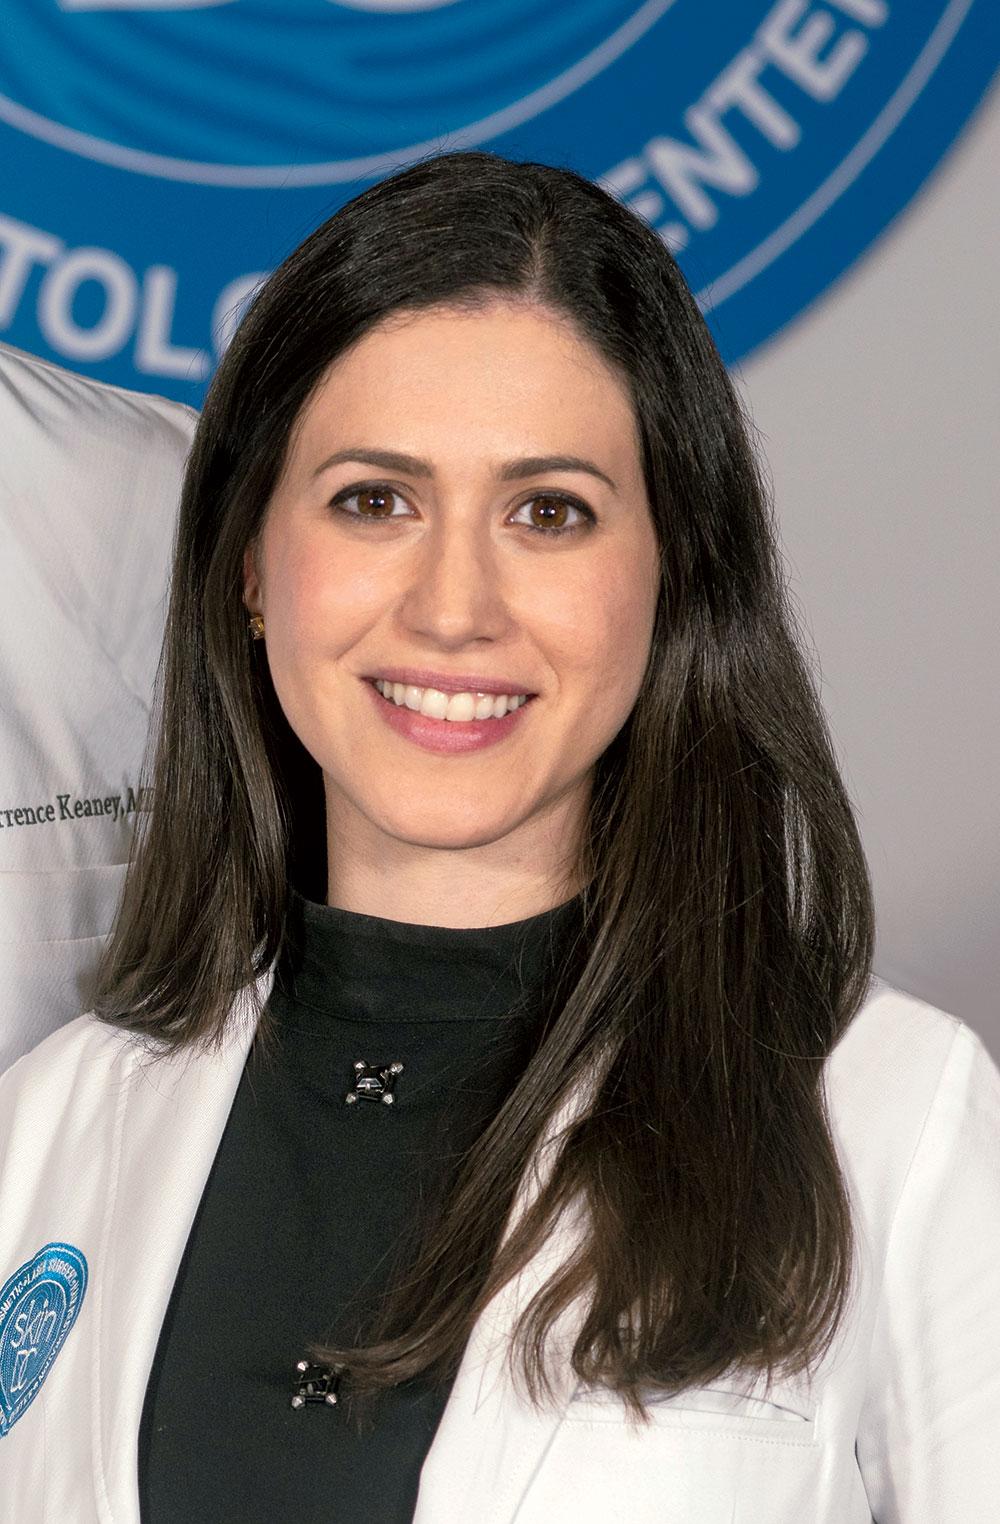 Washington, DC's Very Best Doctors: 2018 Top Doctor